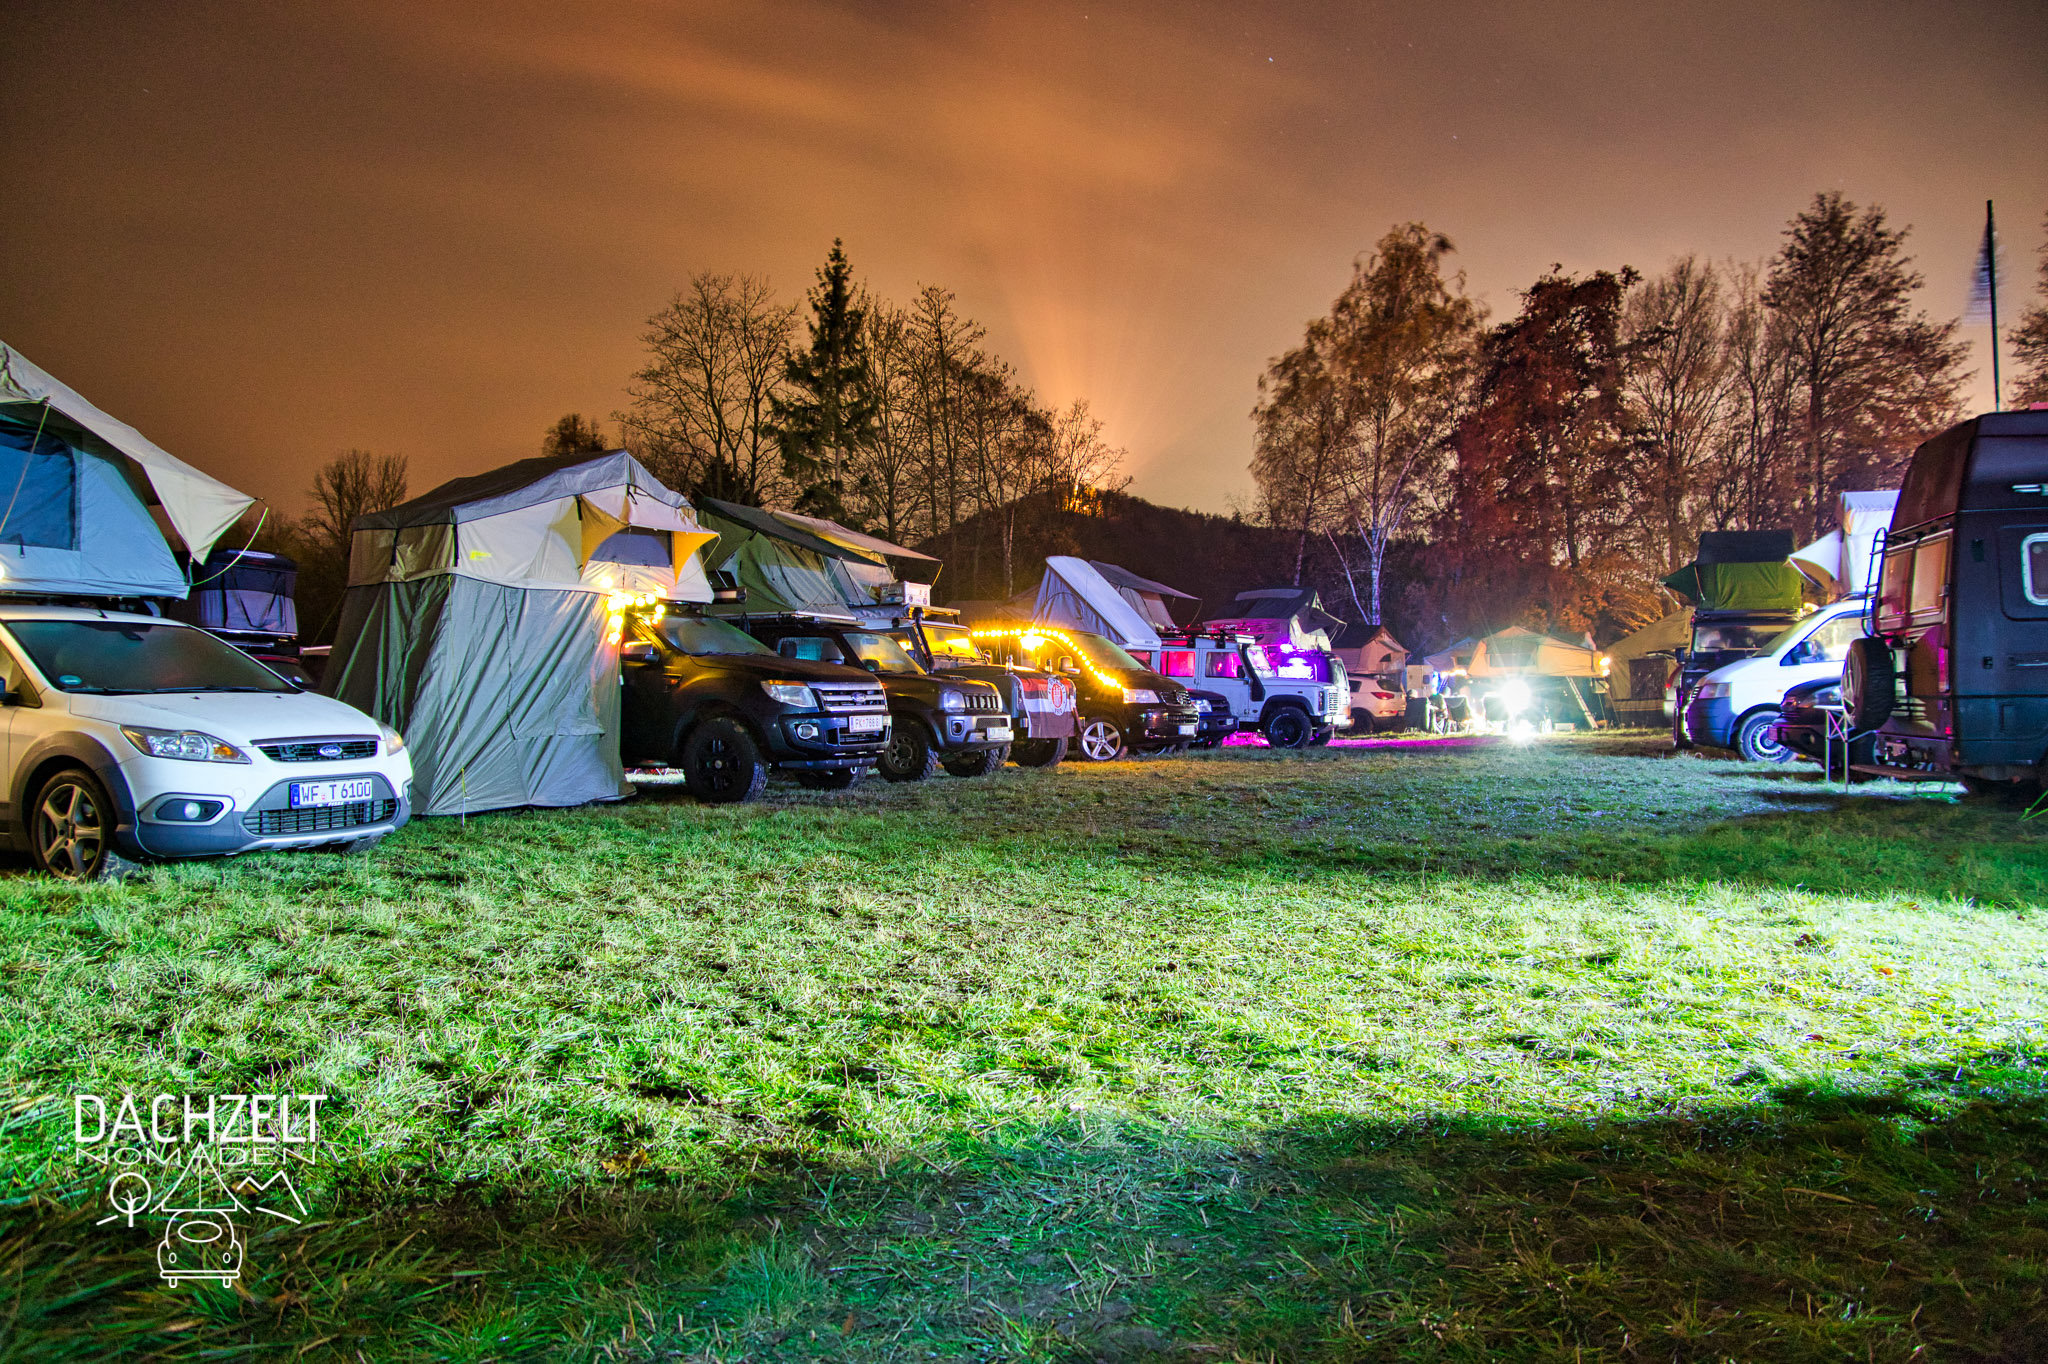 20191123-Dachzelt-Meetup-Nordhessen-Eric-Bartel-DSC06280-3